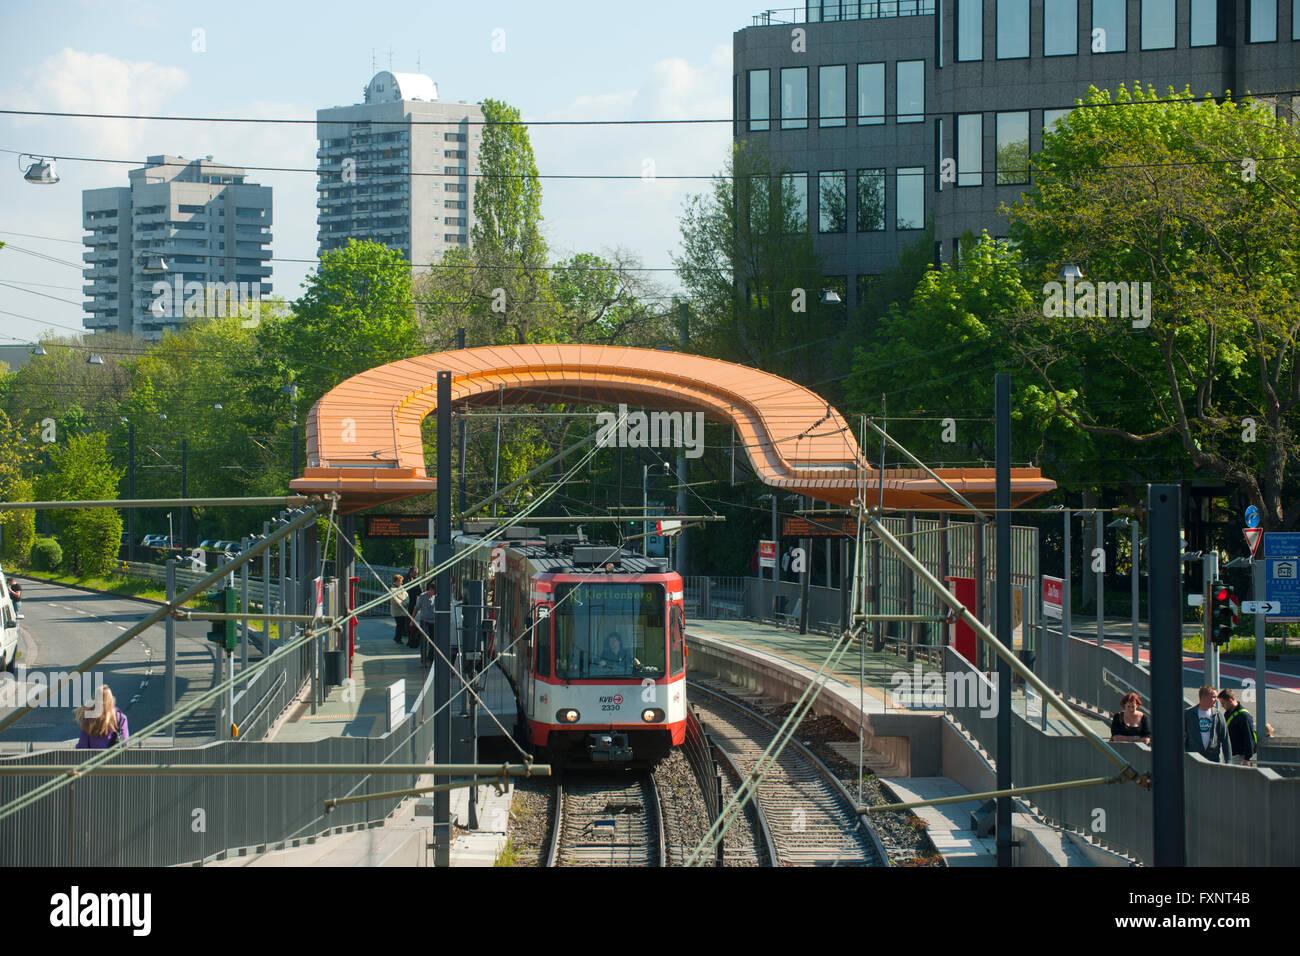 Deutschland, Köln, Riehl, Strassenbahnhaltestelle Riehler Strasse Stock Photo